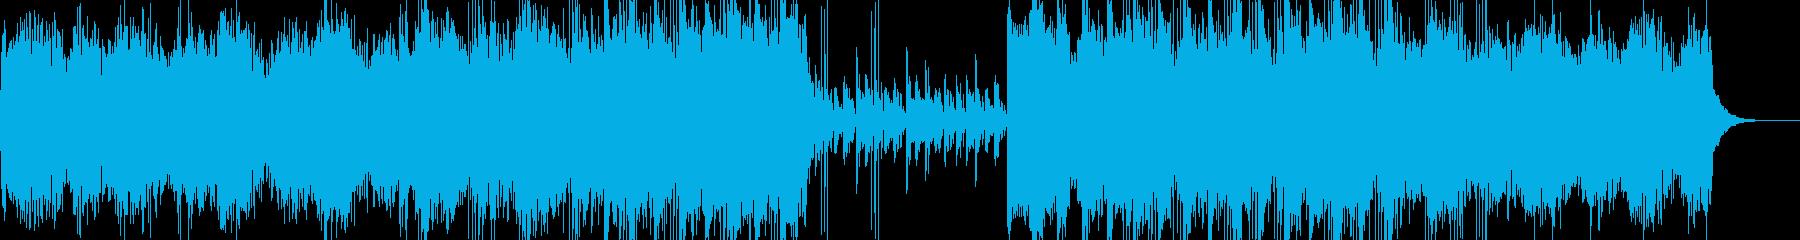 宇宙空間イメージの落ち着くアンビエント曲の再生済みの波形